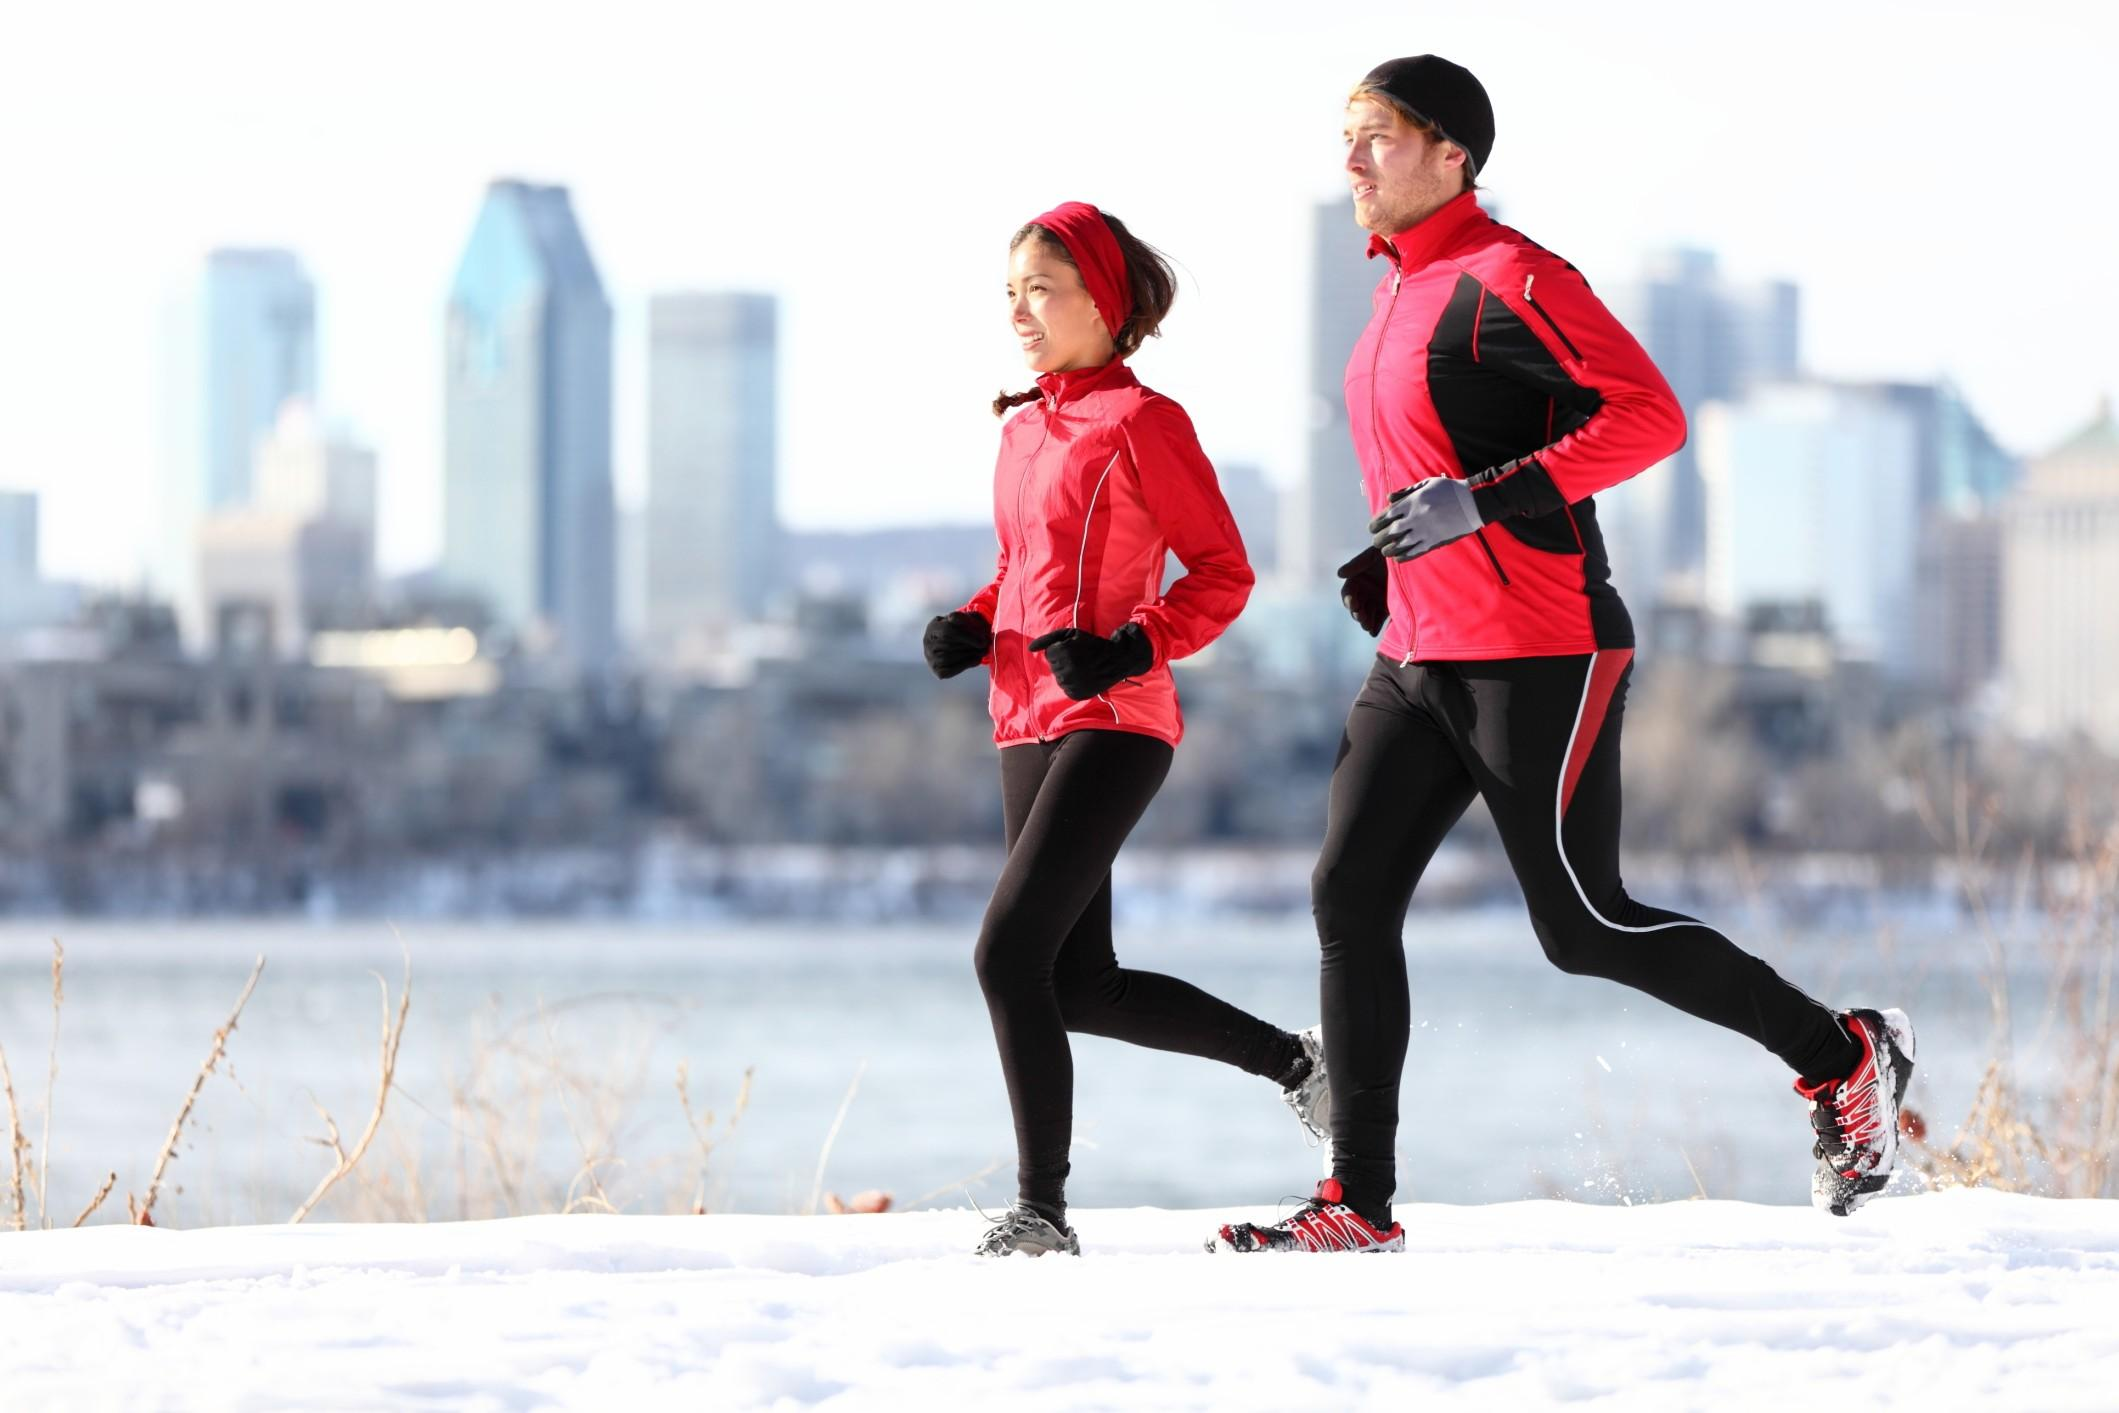 abbigliamento invernale running